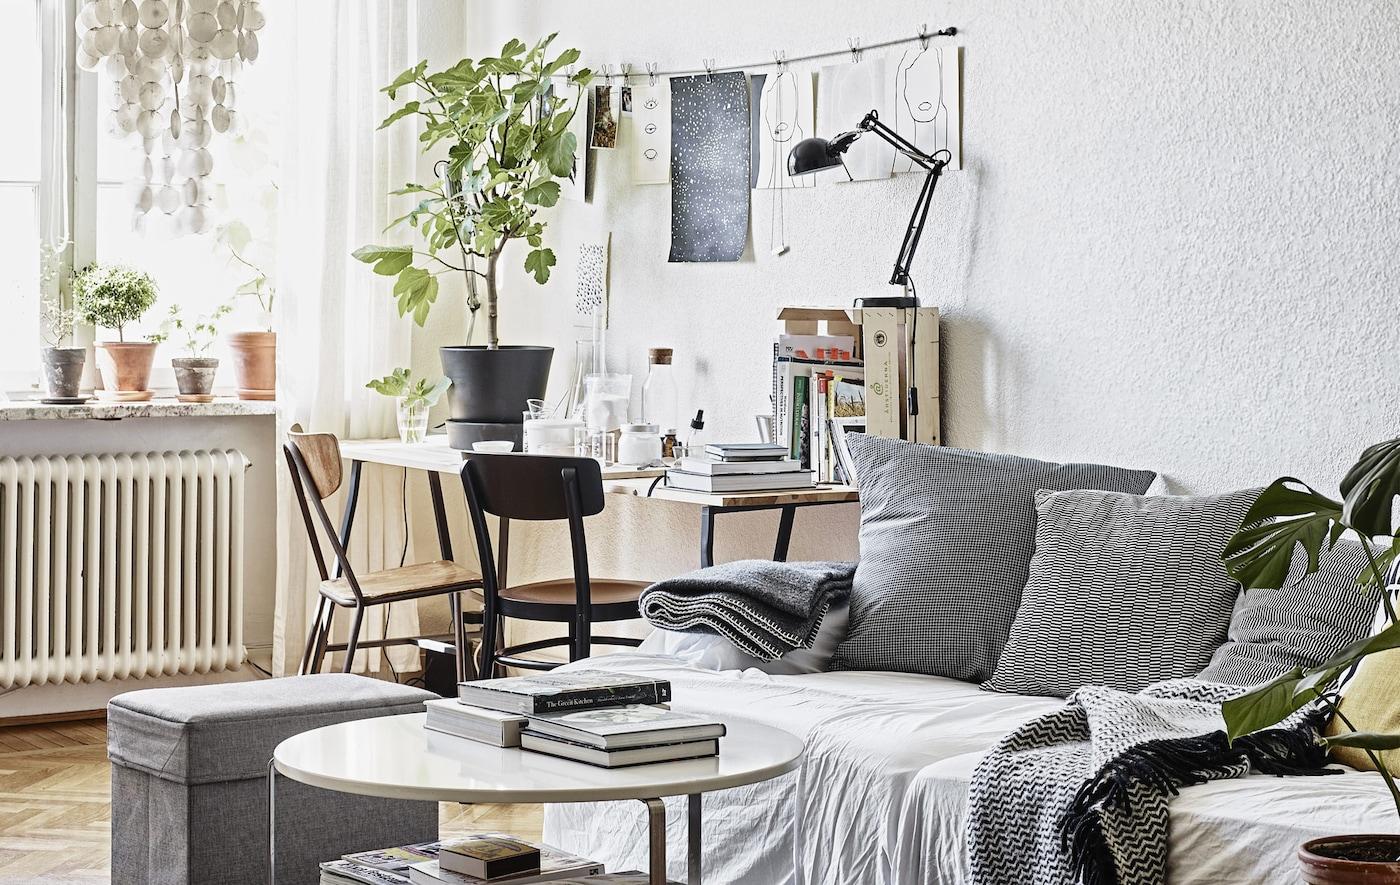 Soggiorno con un divano e un tavolo dai colori neutri - IKEA